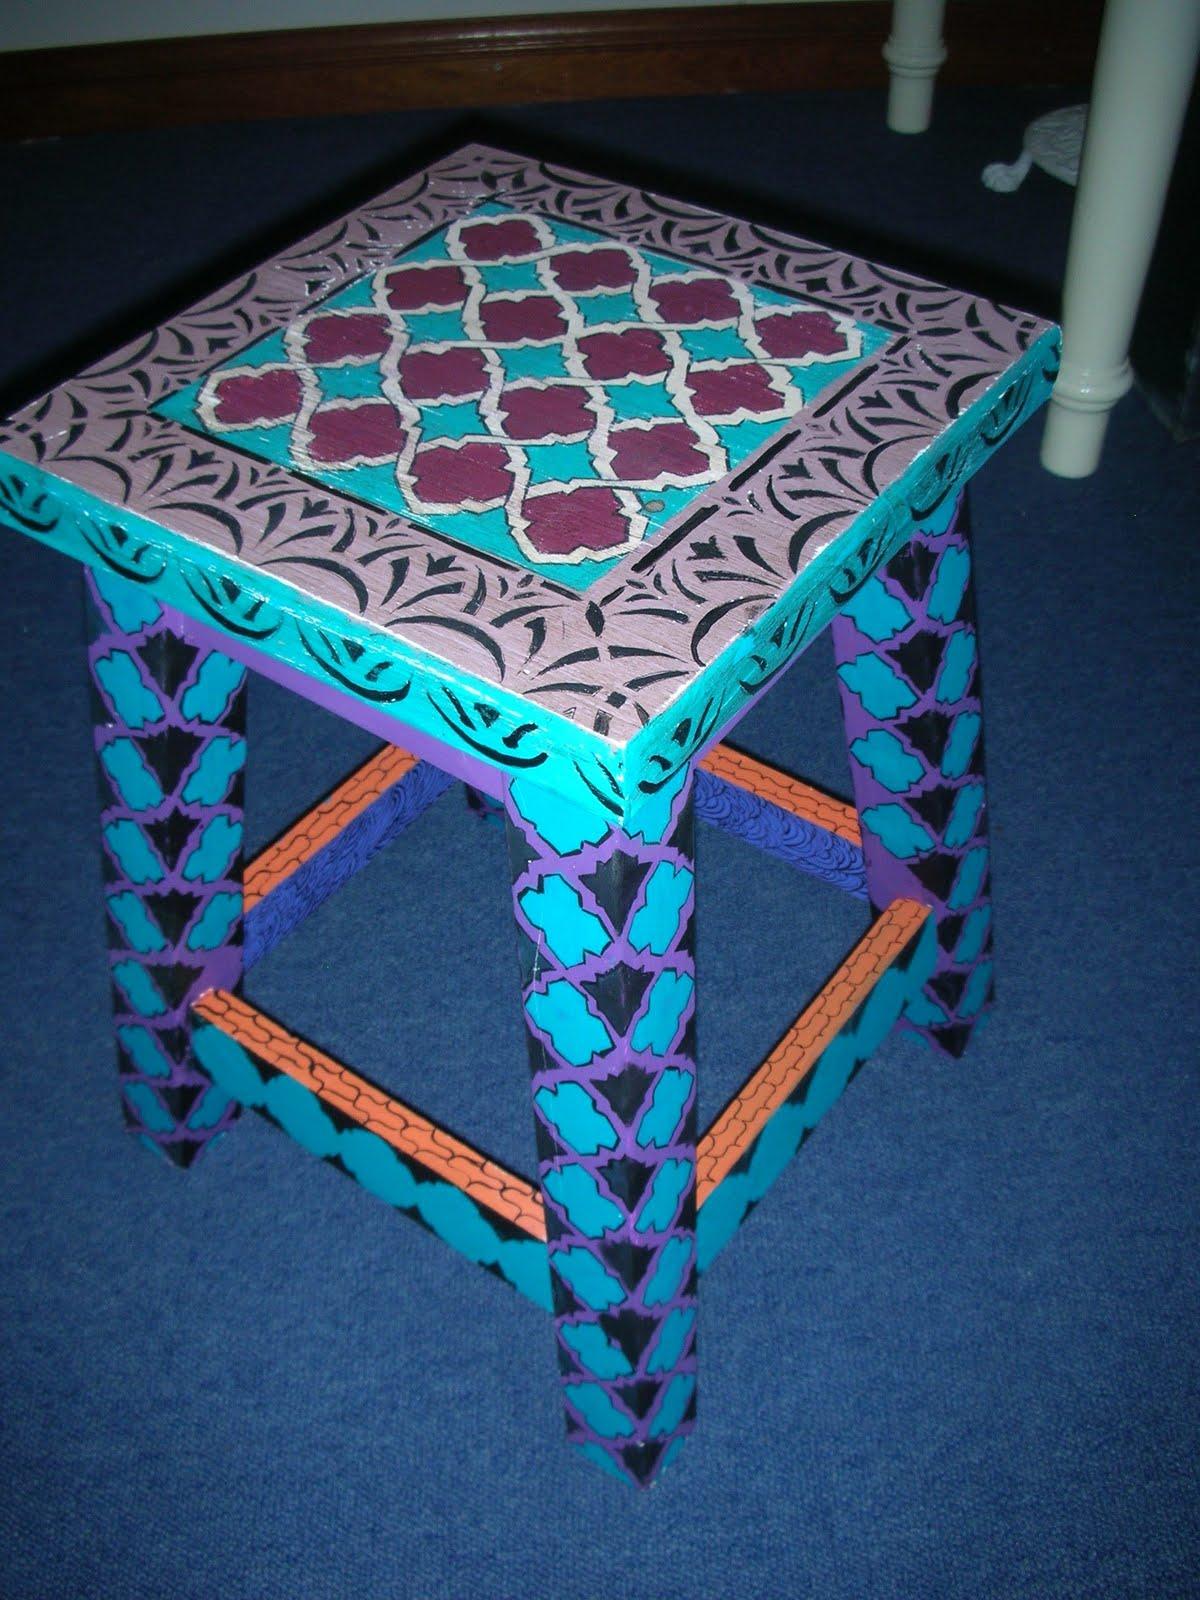 Vintouch muebles reciclados pintados a mano banqueta for Muebles pintados a mano